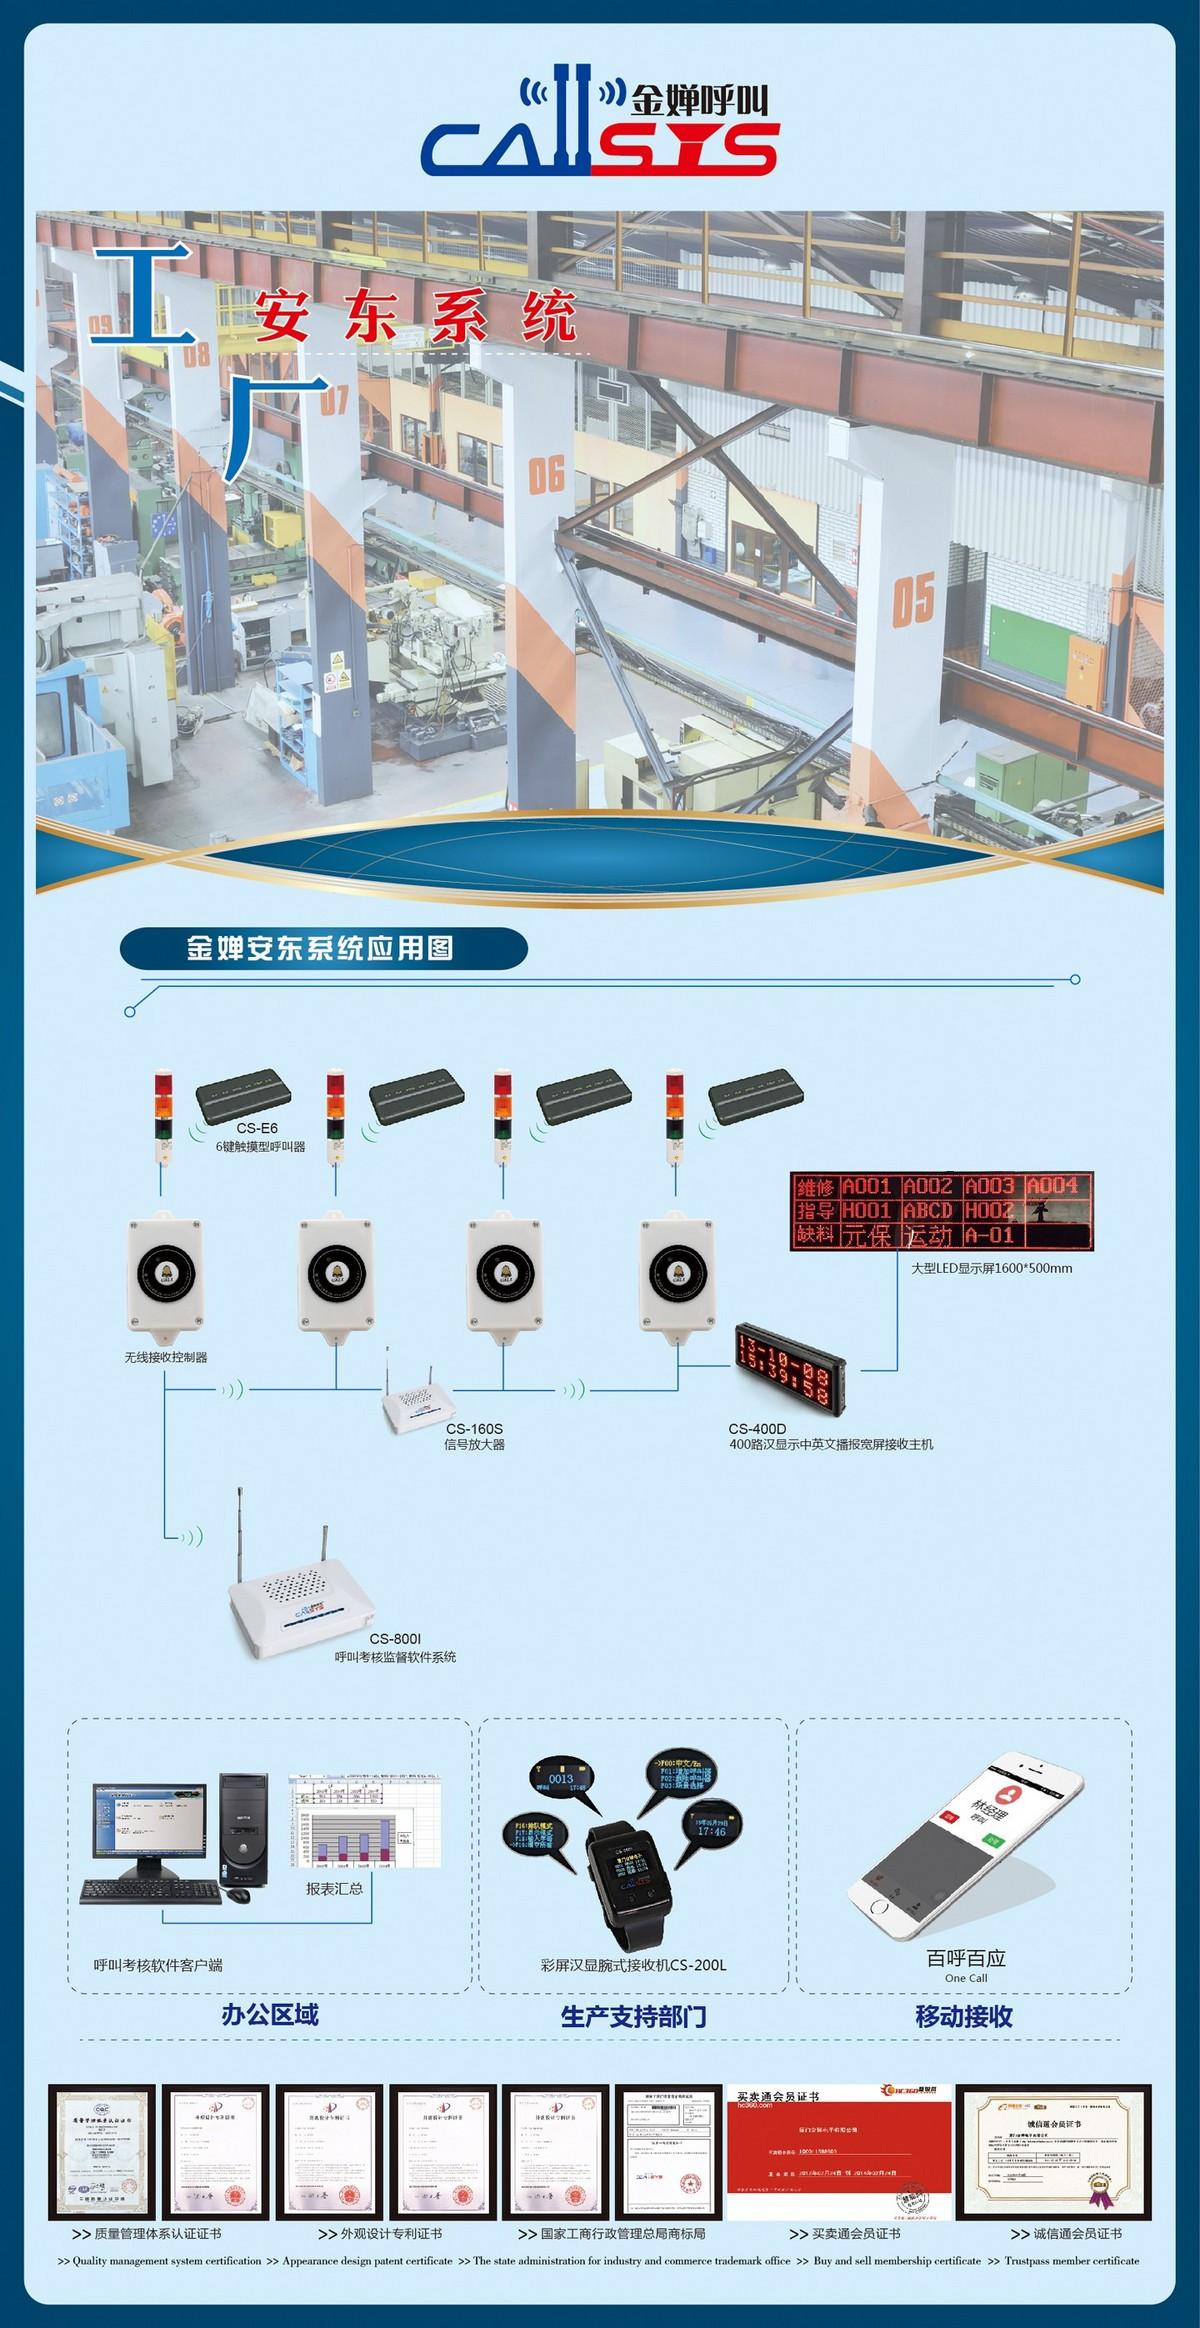 工厂安东系统-01.jpg